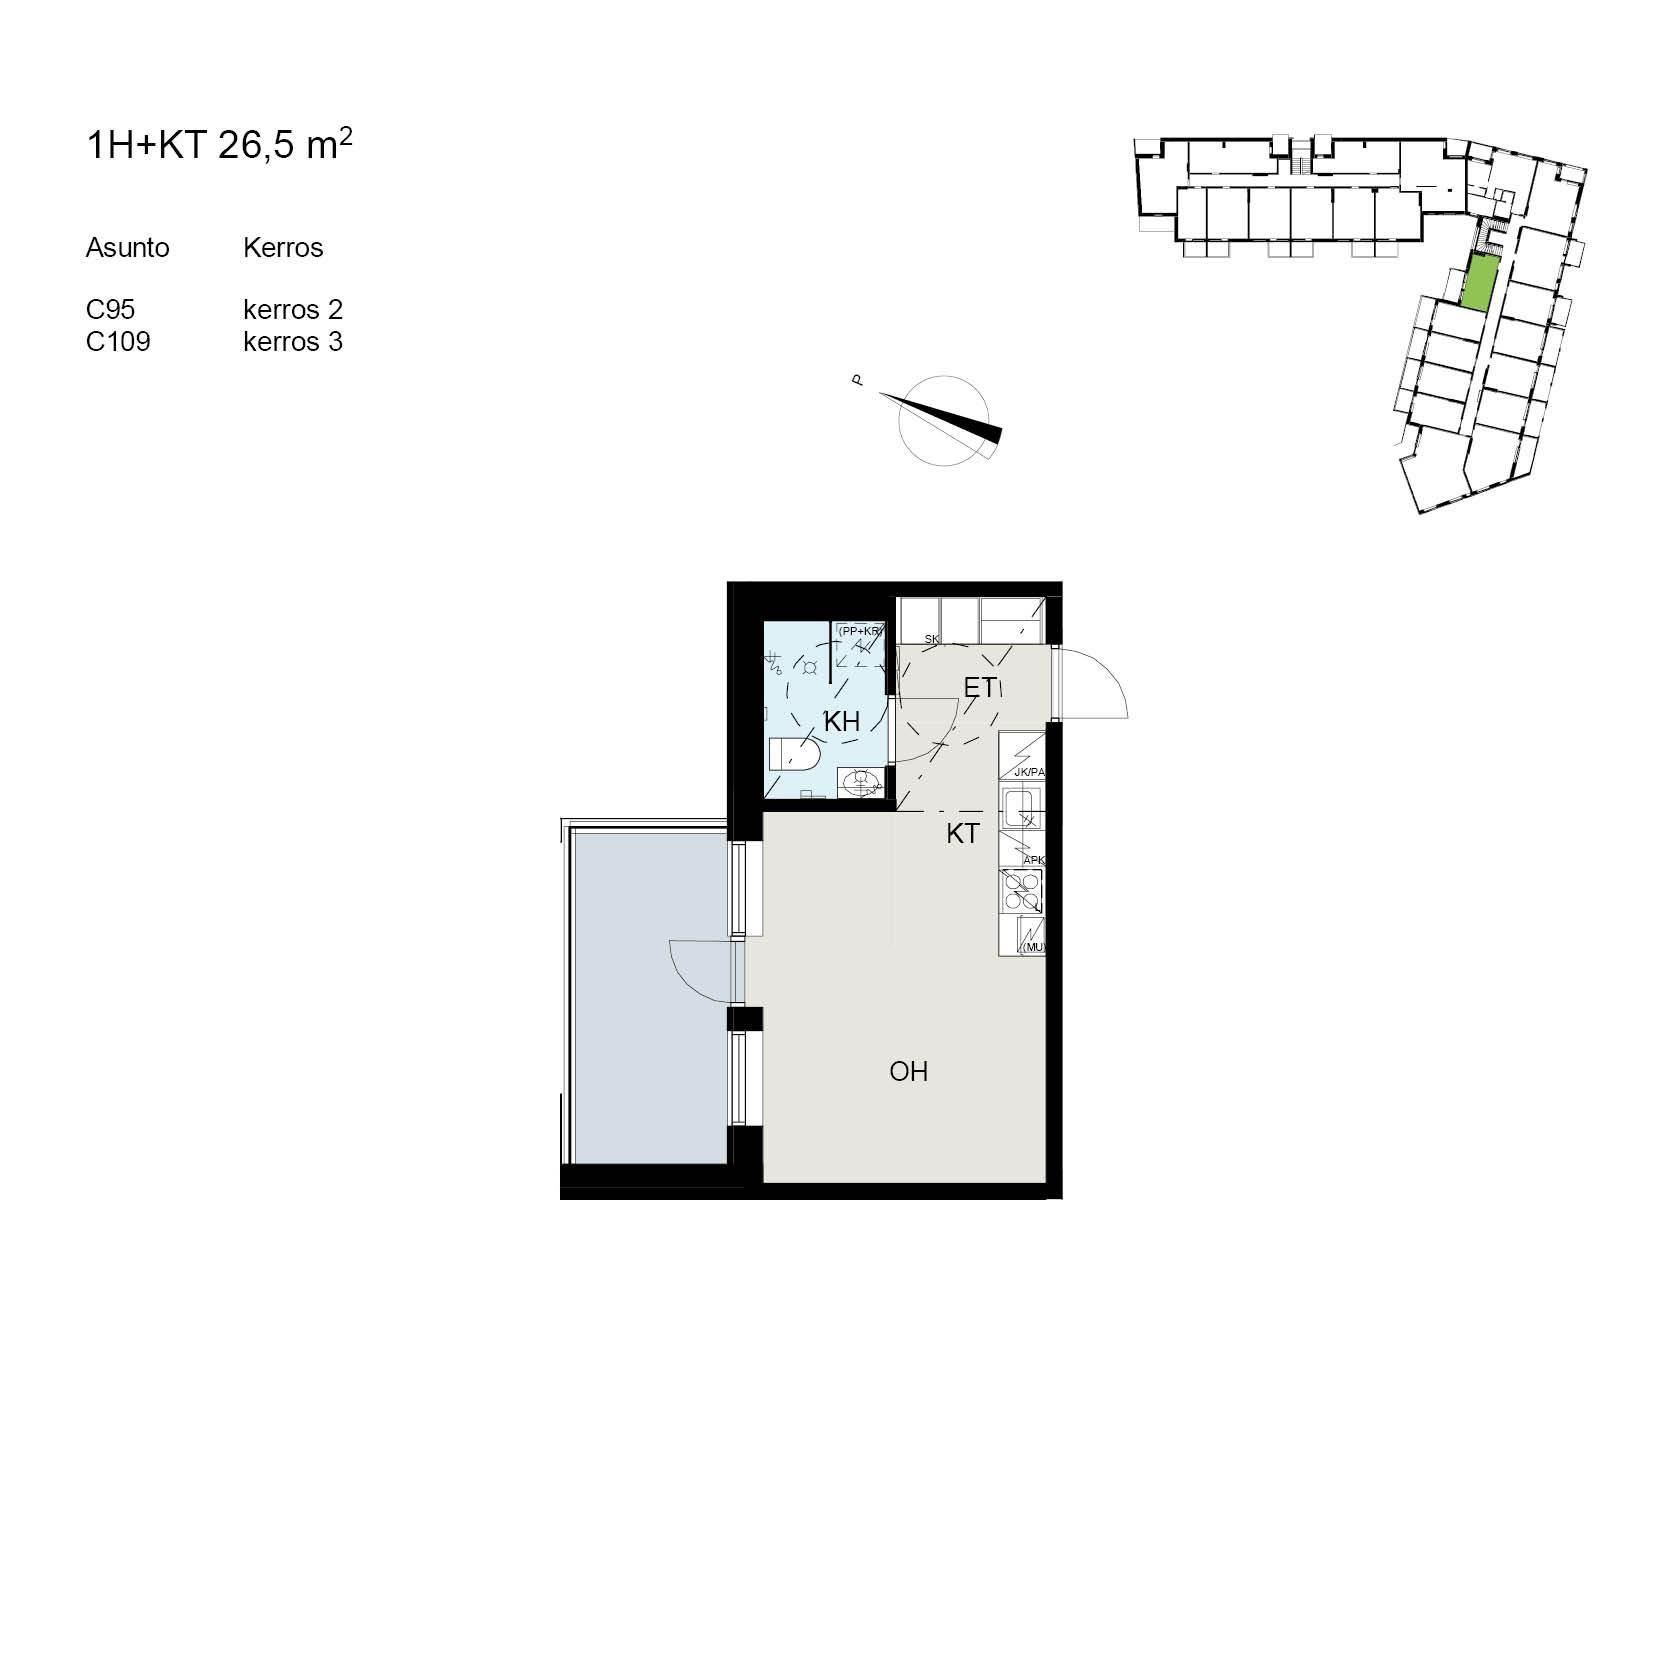 Asunto Oy Tampereen Tikkutehtaan Loimu - Tiporaitti 9, 33250, Tampere - 1H+KT / 26.5m2